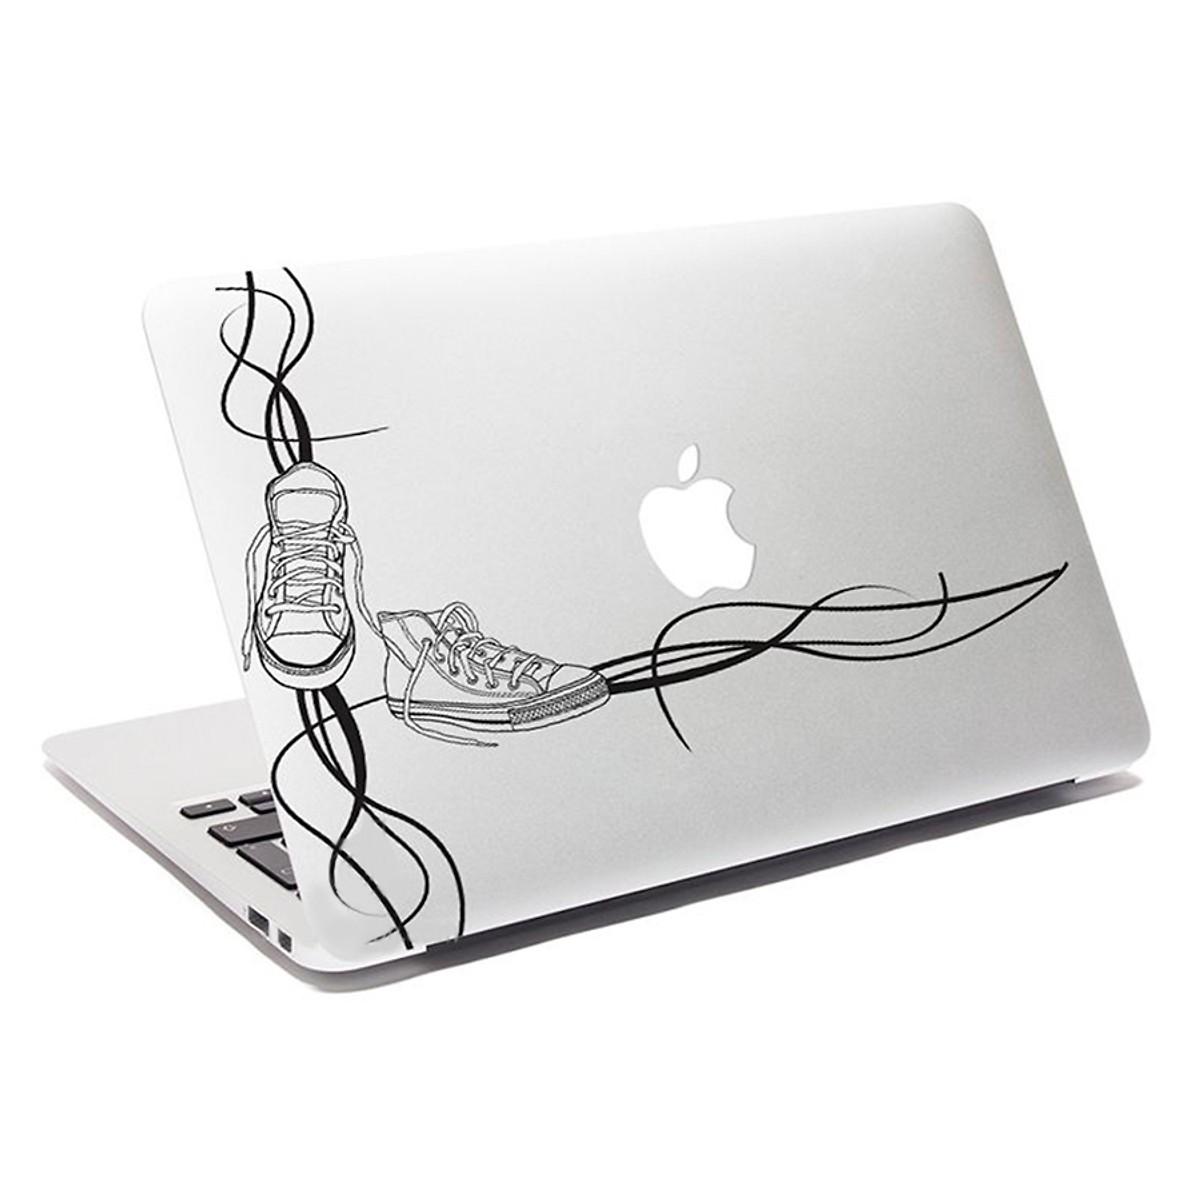 Mẫu Dán Decal Dành Cho Macbook - Mac 26 13 inch